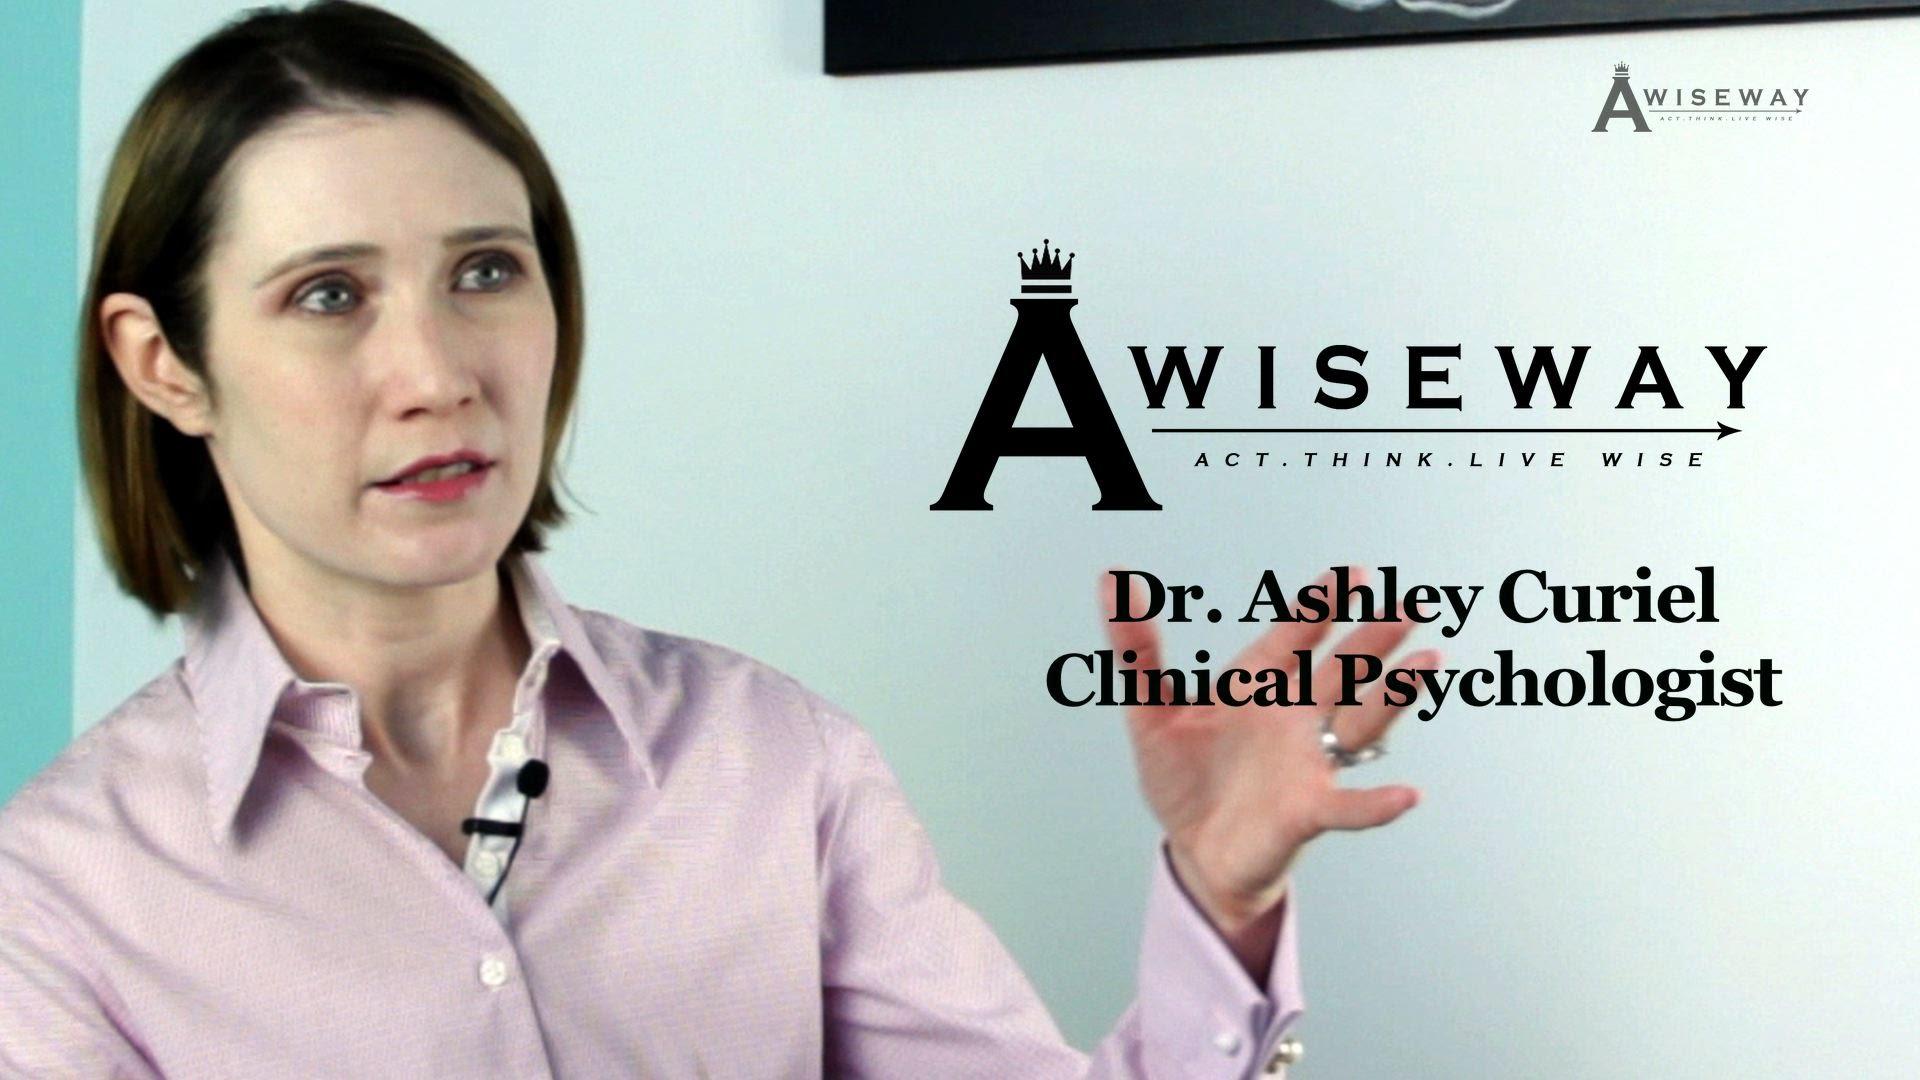 Psychologist Shares Inspiration for Pursing Career